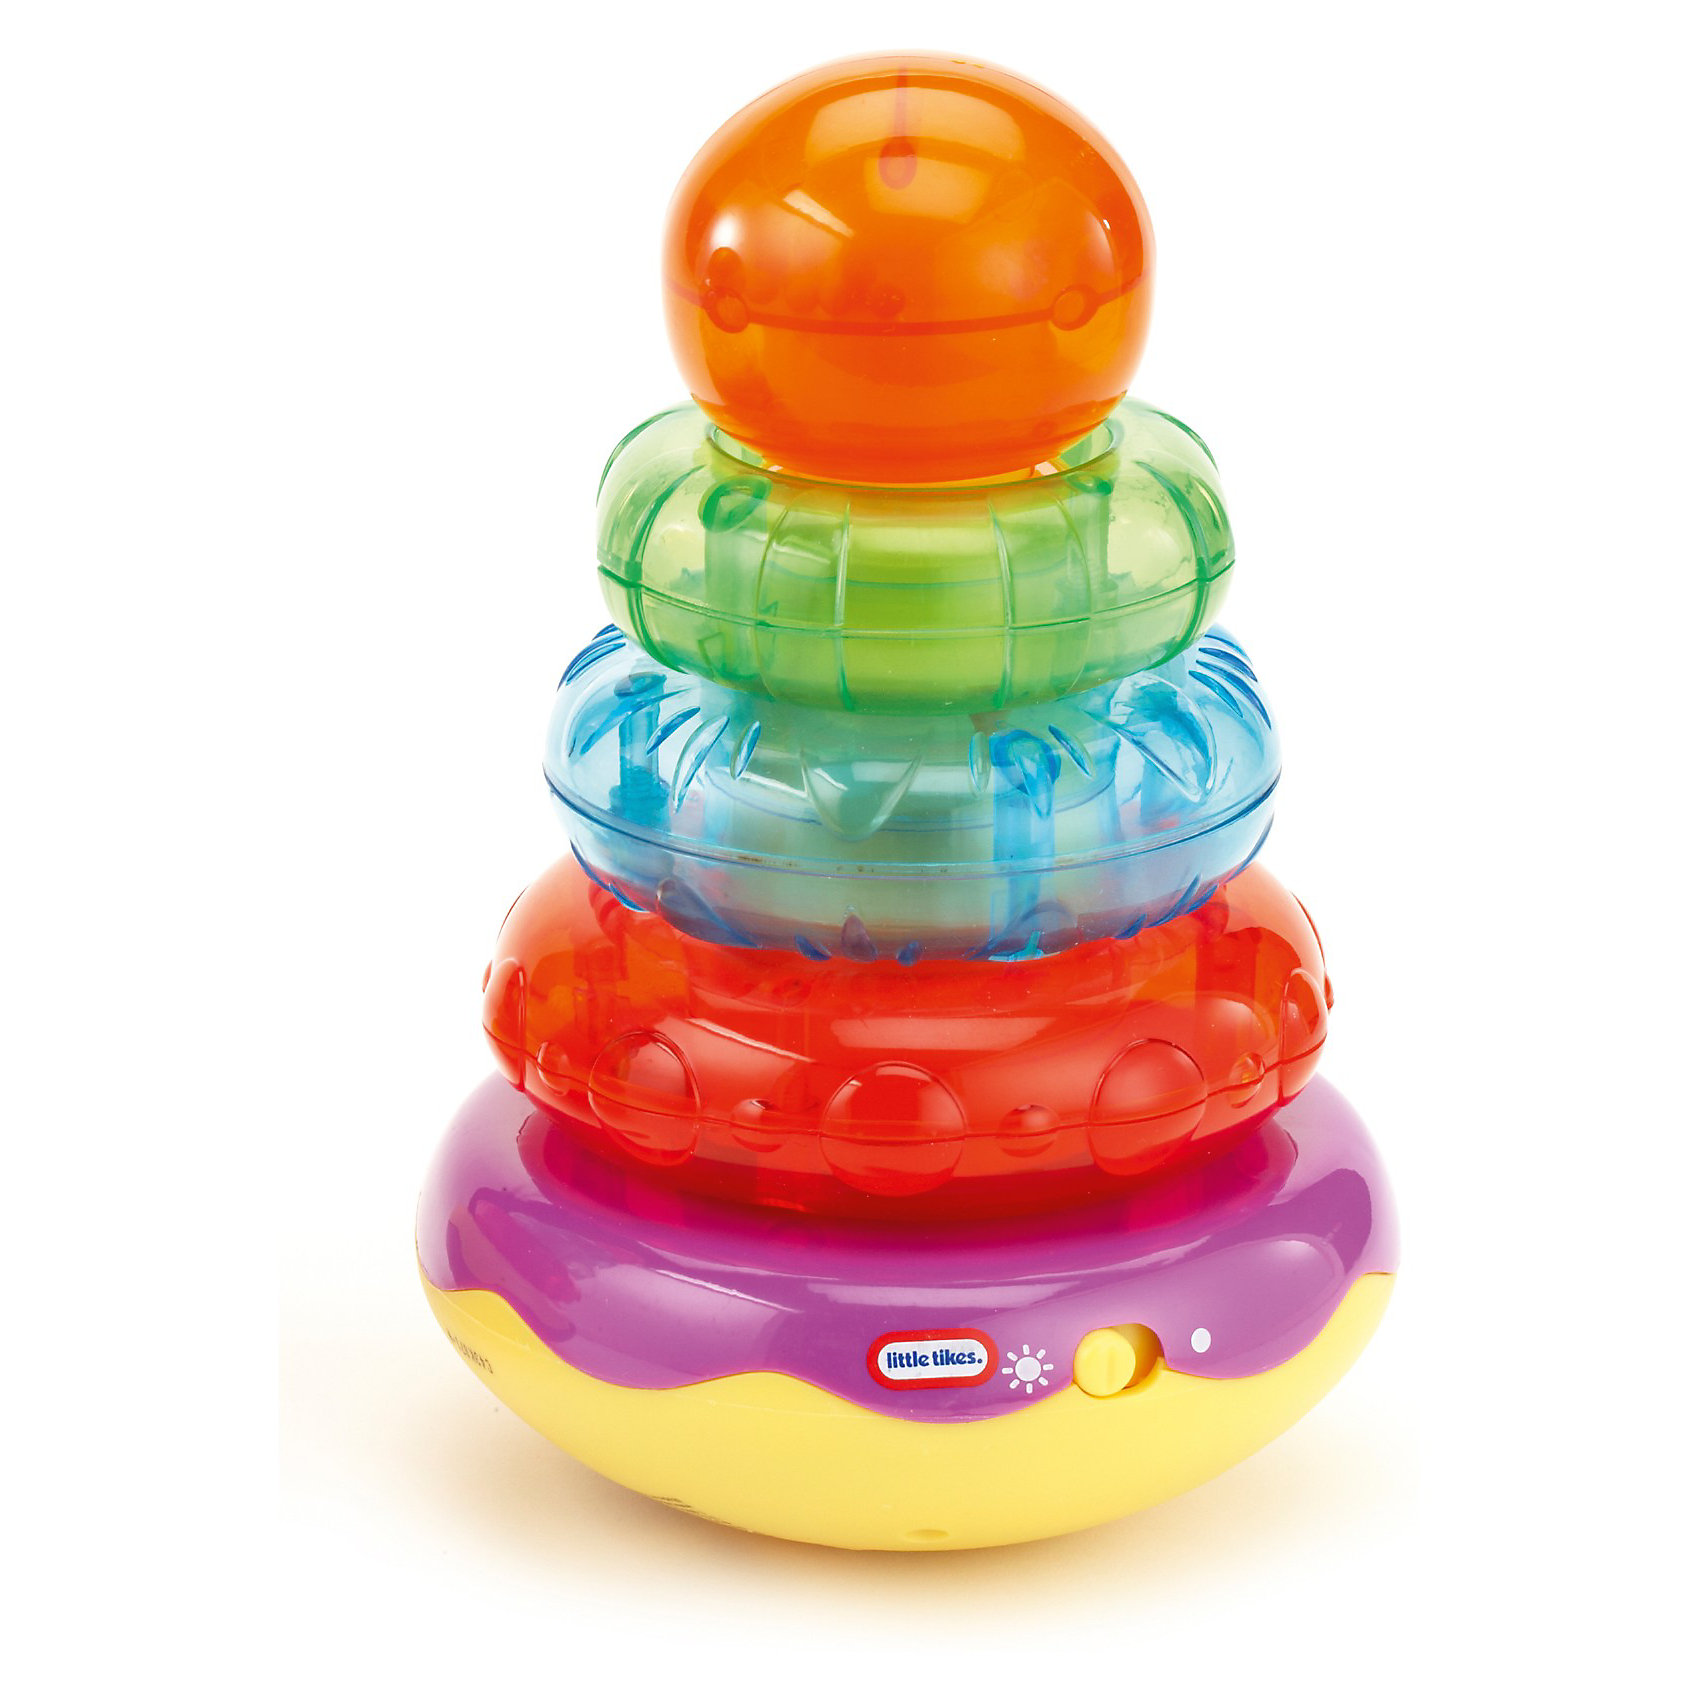 Пирамидка, со звуком,  Little TikesПирамидки<br>Пирамидка, со звуком,  Little Tikes (Литл Тайкс) – это отличный подарок вашему ребенку.<br>Наблюдайте, как Ваш ребенок, складывая кольца, веселится из-за раздающих смешных звуков. Игра с пирамидкой помогает развивать моторные способности. Яркое оформление со световыми и звуковыми эффектами притягивает внимание детей.<br><br>Дополнительная информация:<br><br>- Возраст: для детей от 1,5 лет<br>- Размер: 15 х 22,5 х 14 см.<br>- Вес: 619 гр.<br>- Требуются батарейки 2шт. типа АА (в комплект не входят)<br><br>Пирамидку, со звуком,  Little Tikes (Литл Тайкс) можно купить в нашем интернет-магазине.<br><br>Ширина мм: 140<br>Глубина мм: 150<br>Высота мм: 230<br>Вес г: 619<br>Возраст от месяцев: 18<br>Возраст до месяцев: 36<br>Пол: Унисекс<br>Возраст: Детский<br>SKU: 3624965